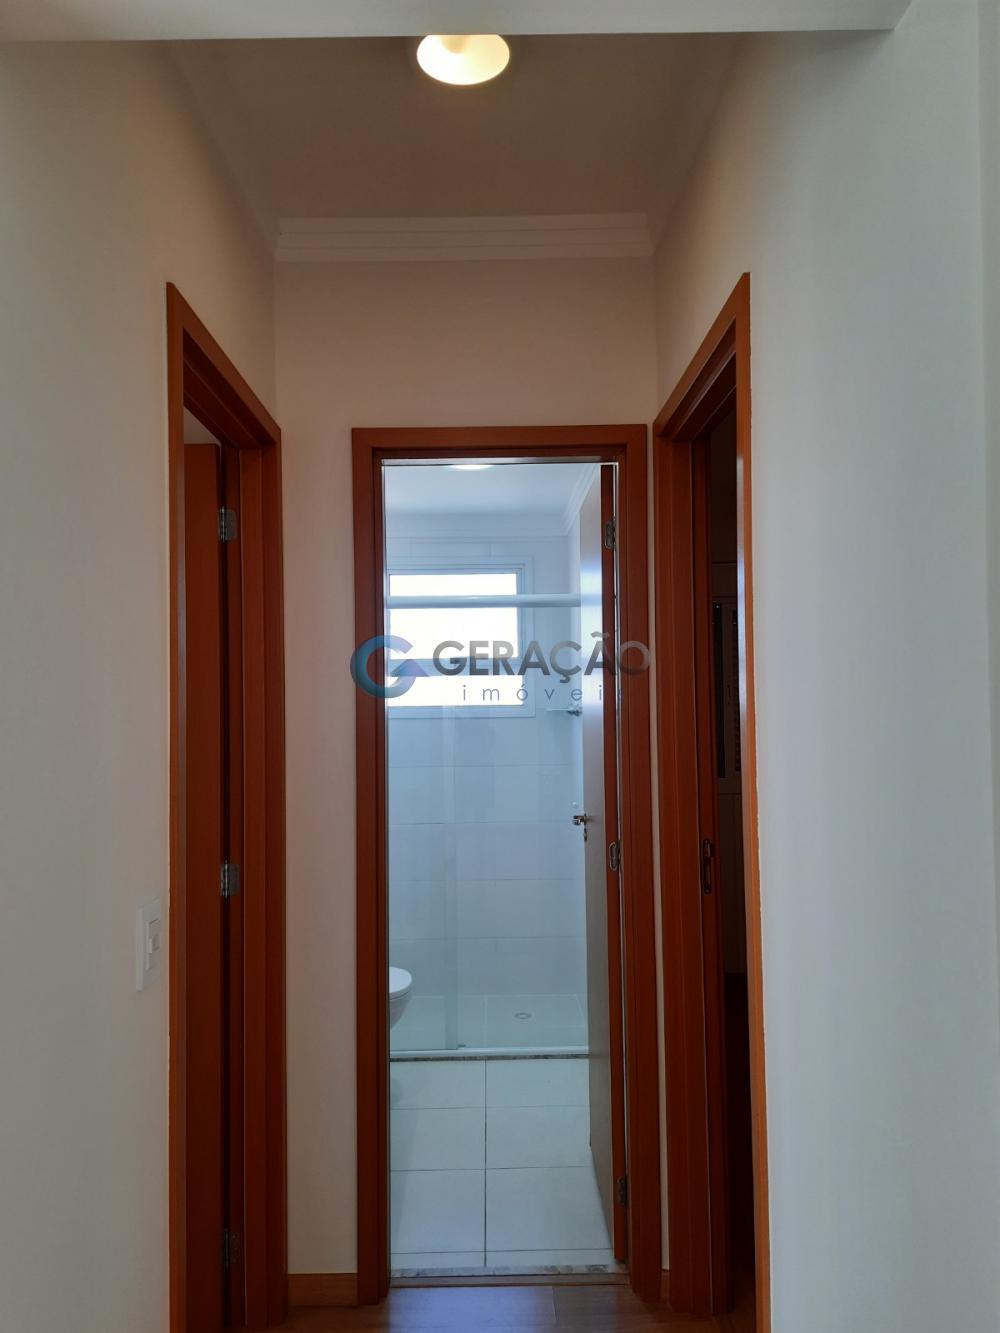 Alugar Apartamento / Padrão em São José dos Campos apenas R$ 2.600,00 - Foto 10